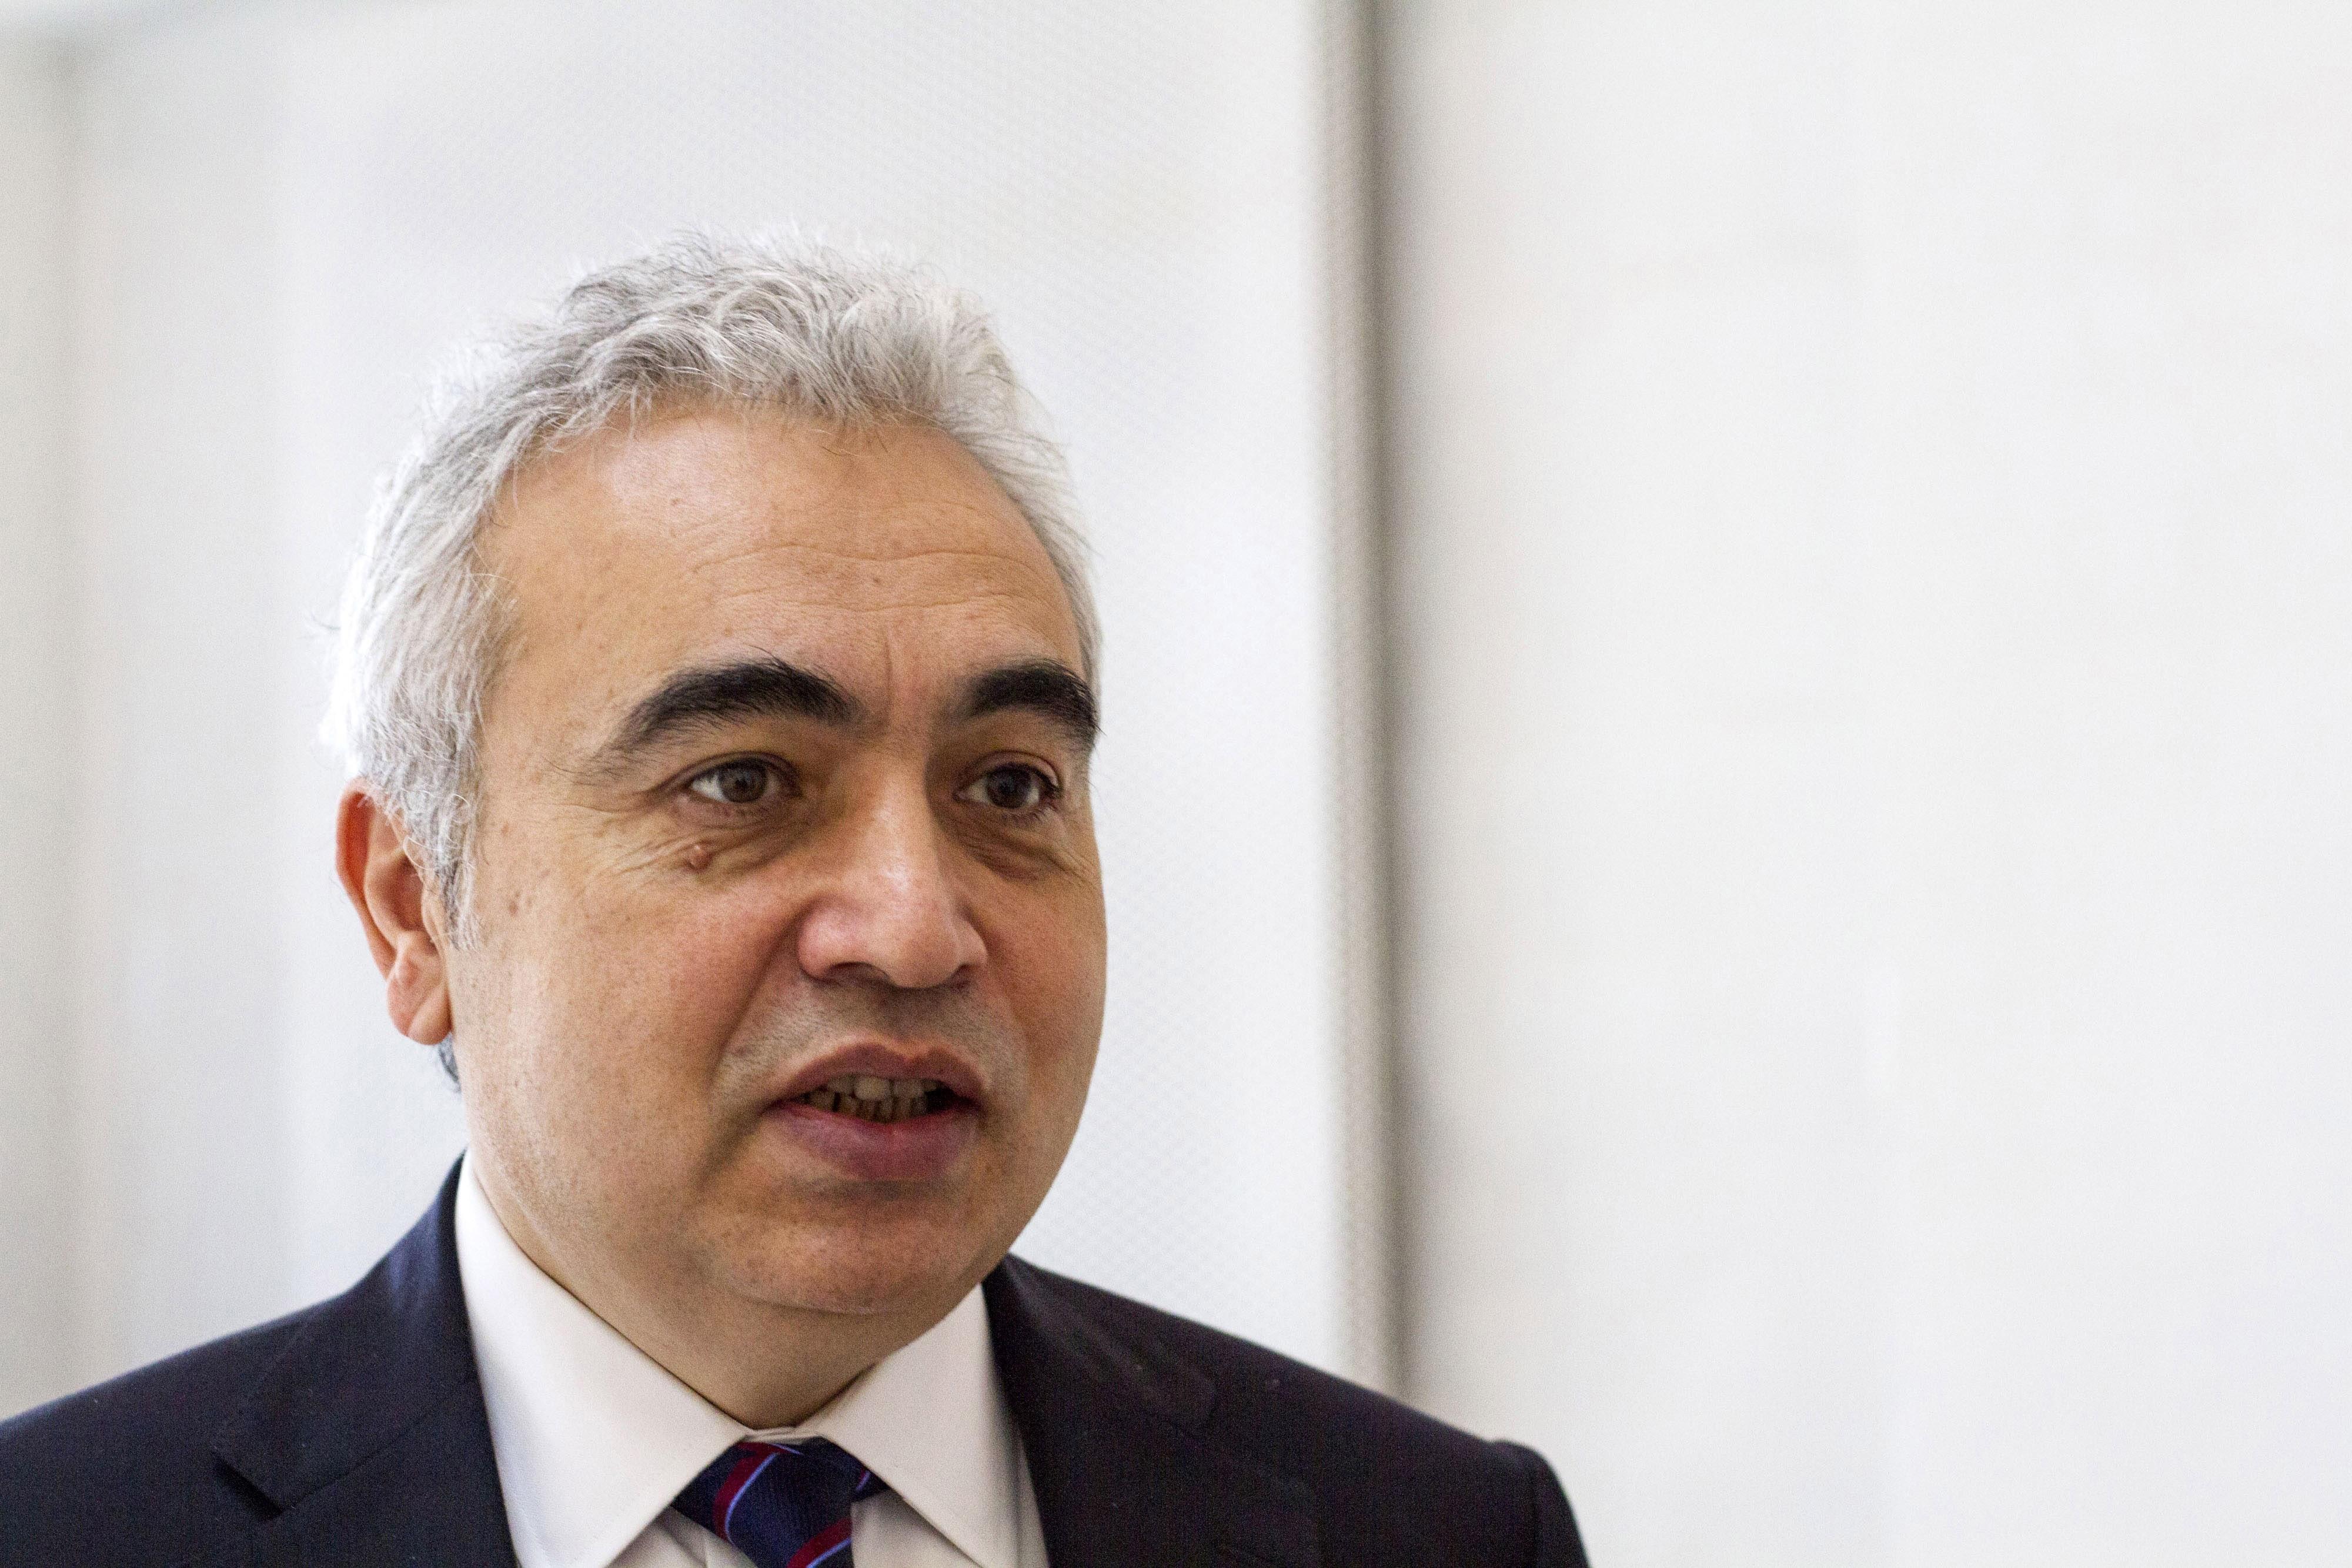 Fatih Birol of the International Energy Agency (IEA) speaks to media during World Energy Outlook 2014 in Copenhagen, Denmark, on Nov. 18, 2014.